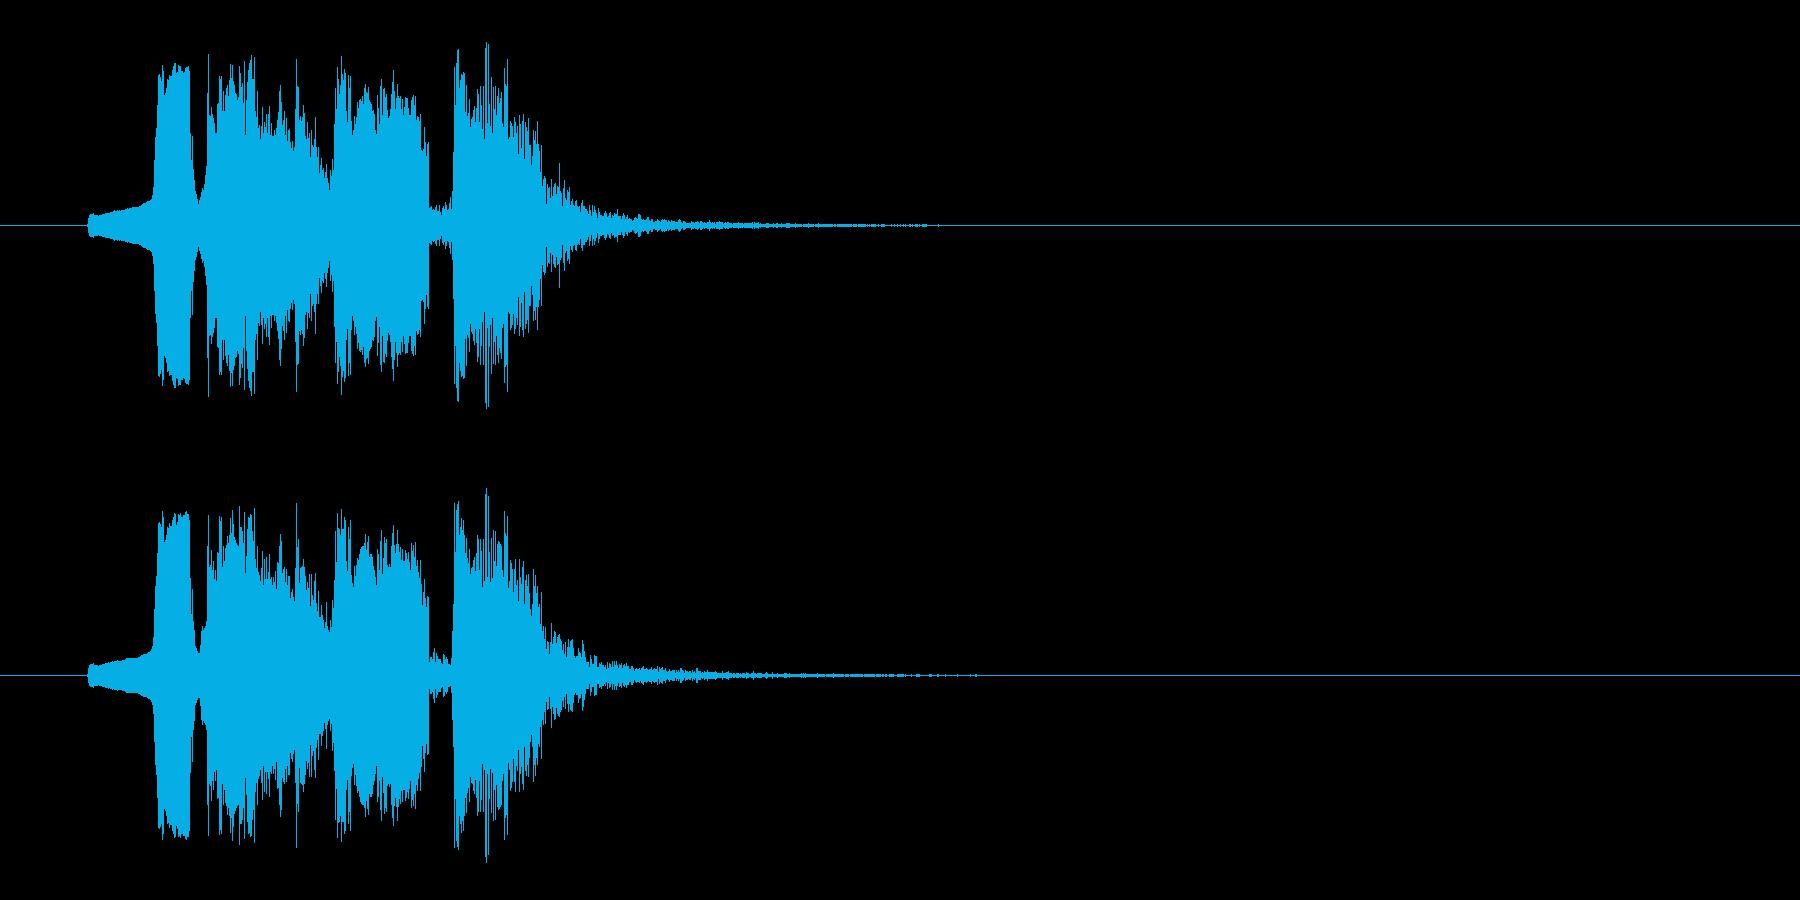 動きがありコミカルなBGMの再生済みの波形